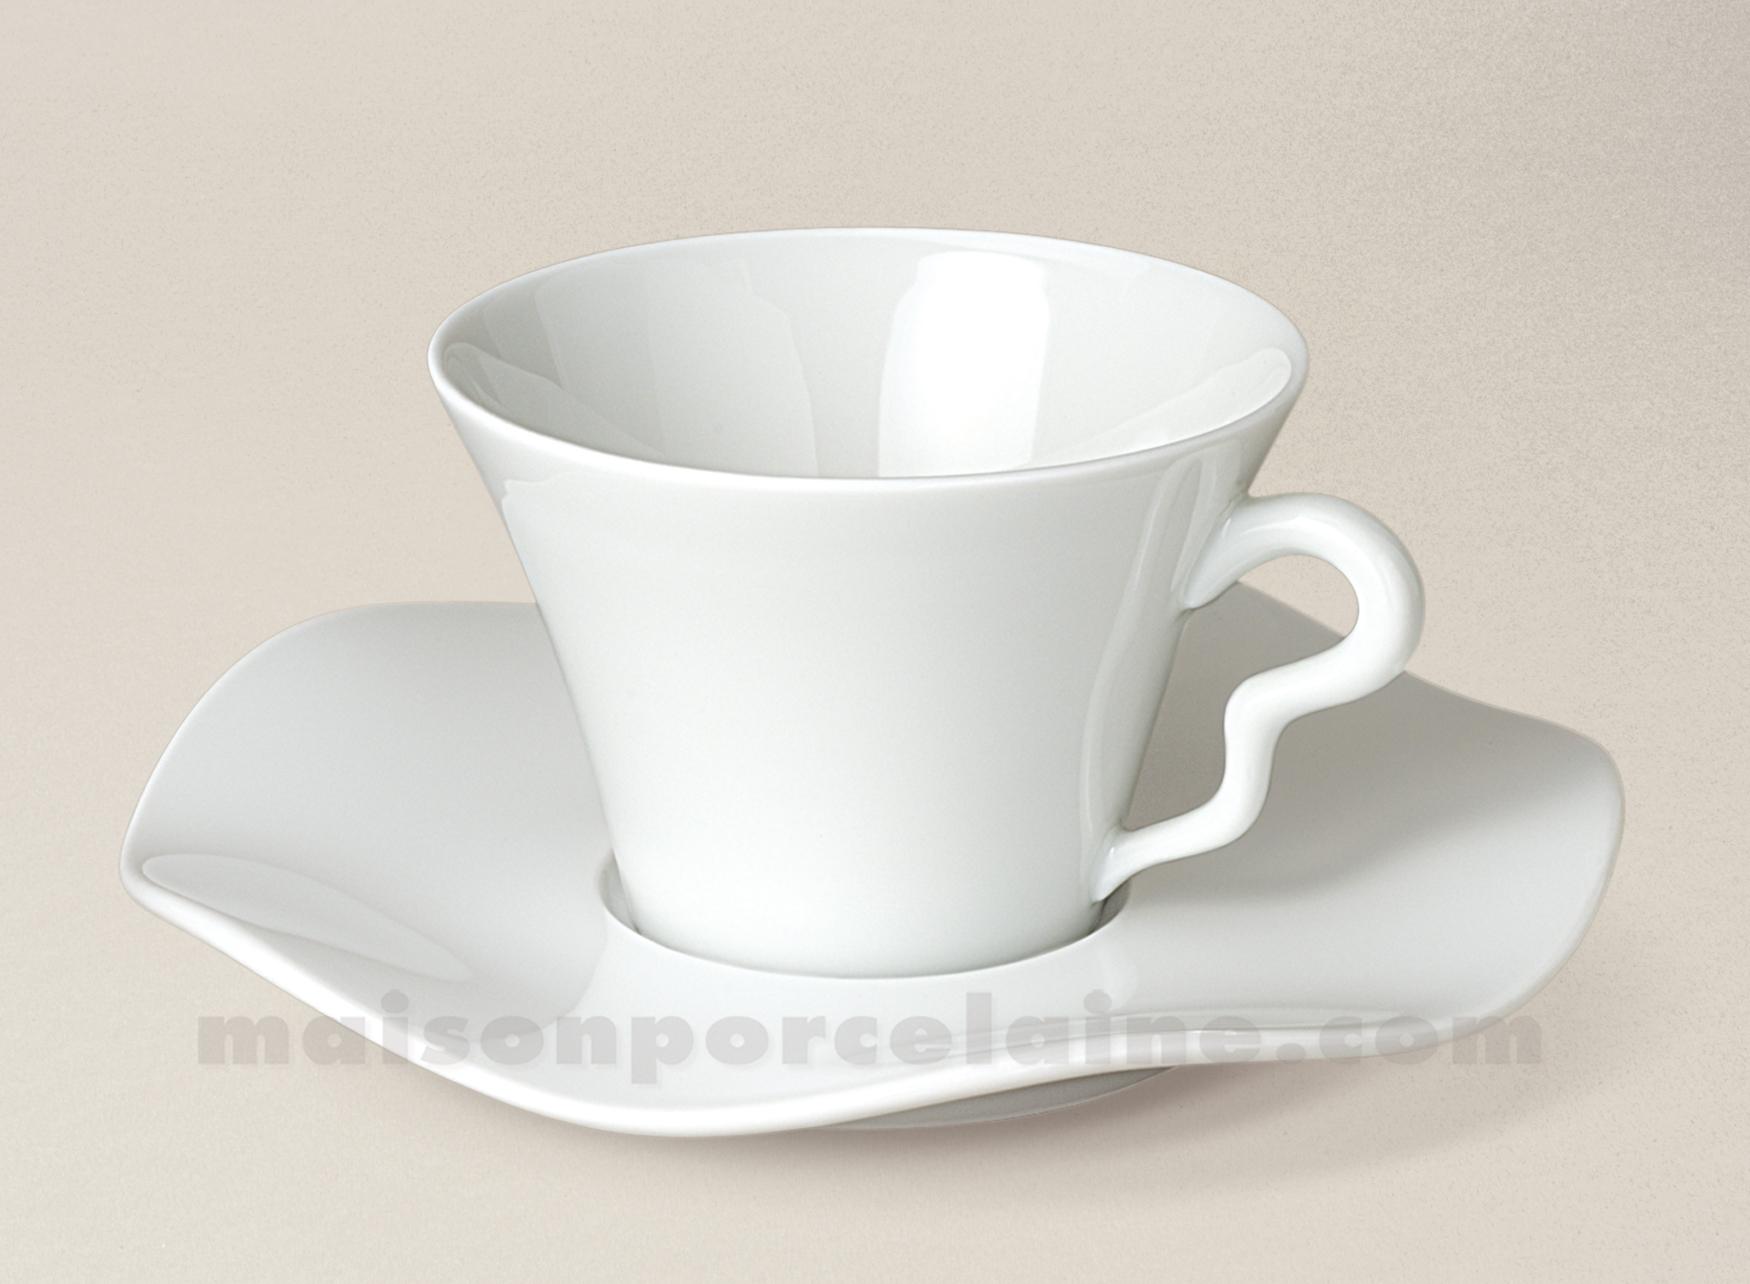 tasse the soucoupe limoges porcelaine blanche gala 17cl maison de la porcelaine. Black Bedroom Furniture Sets. Home Design Ideas